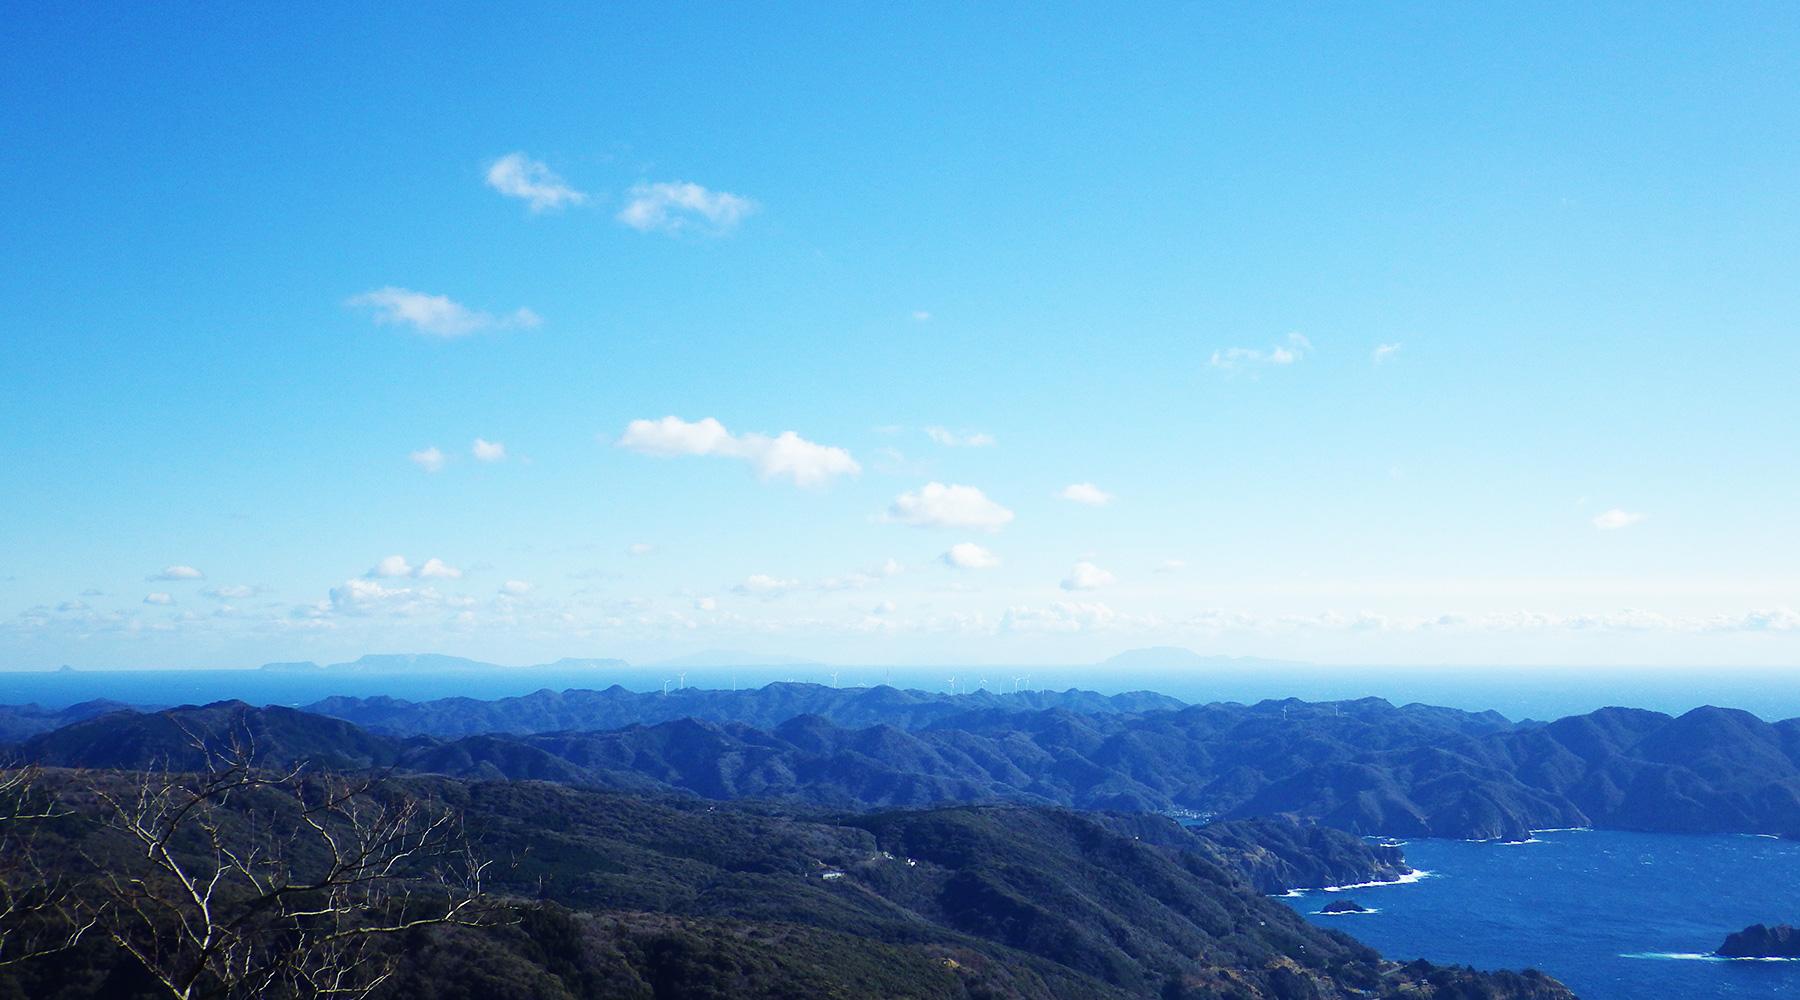 高通山山頂からの眺望